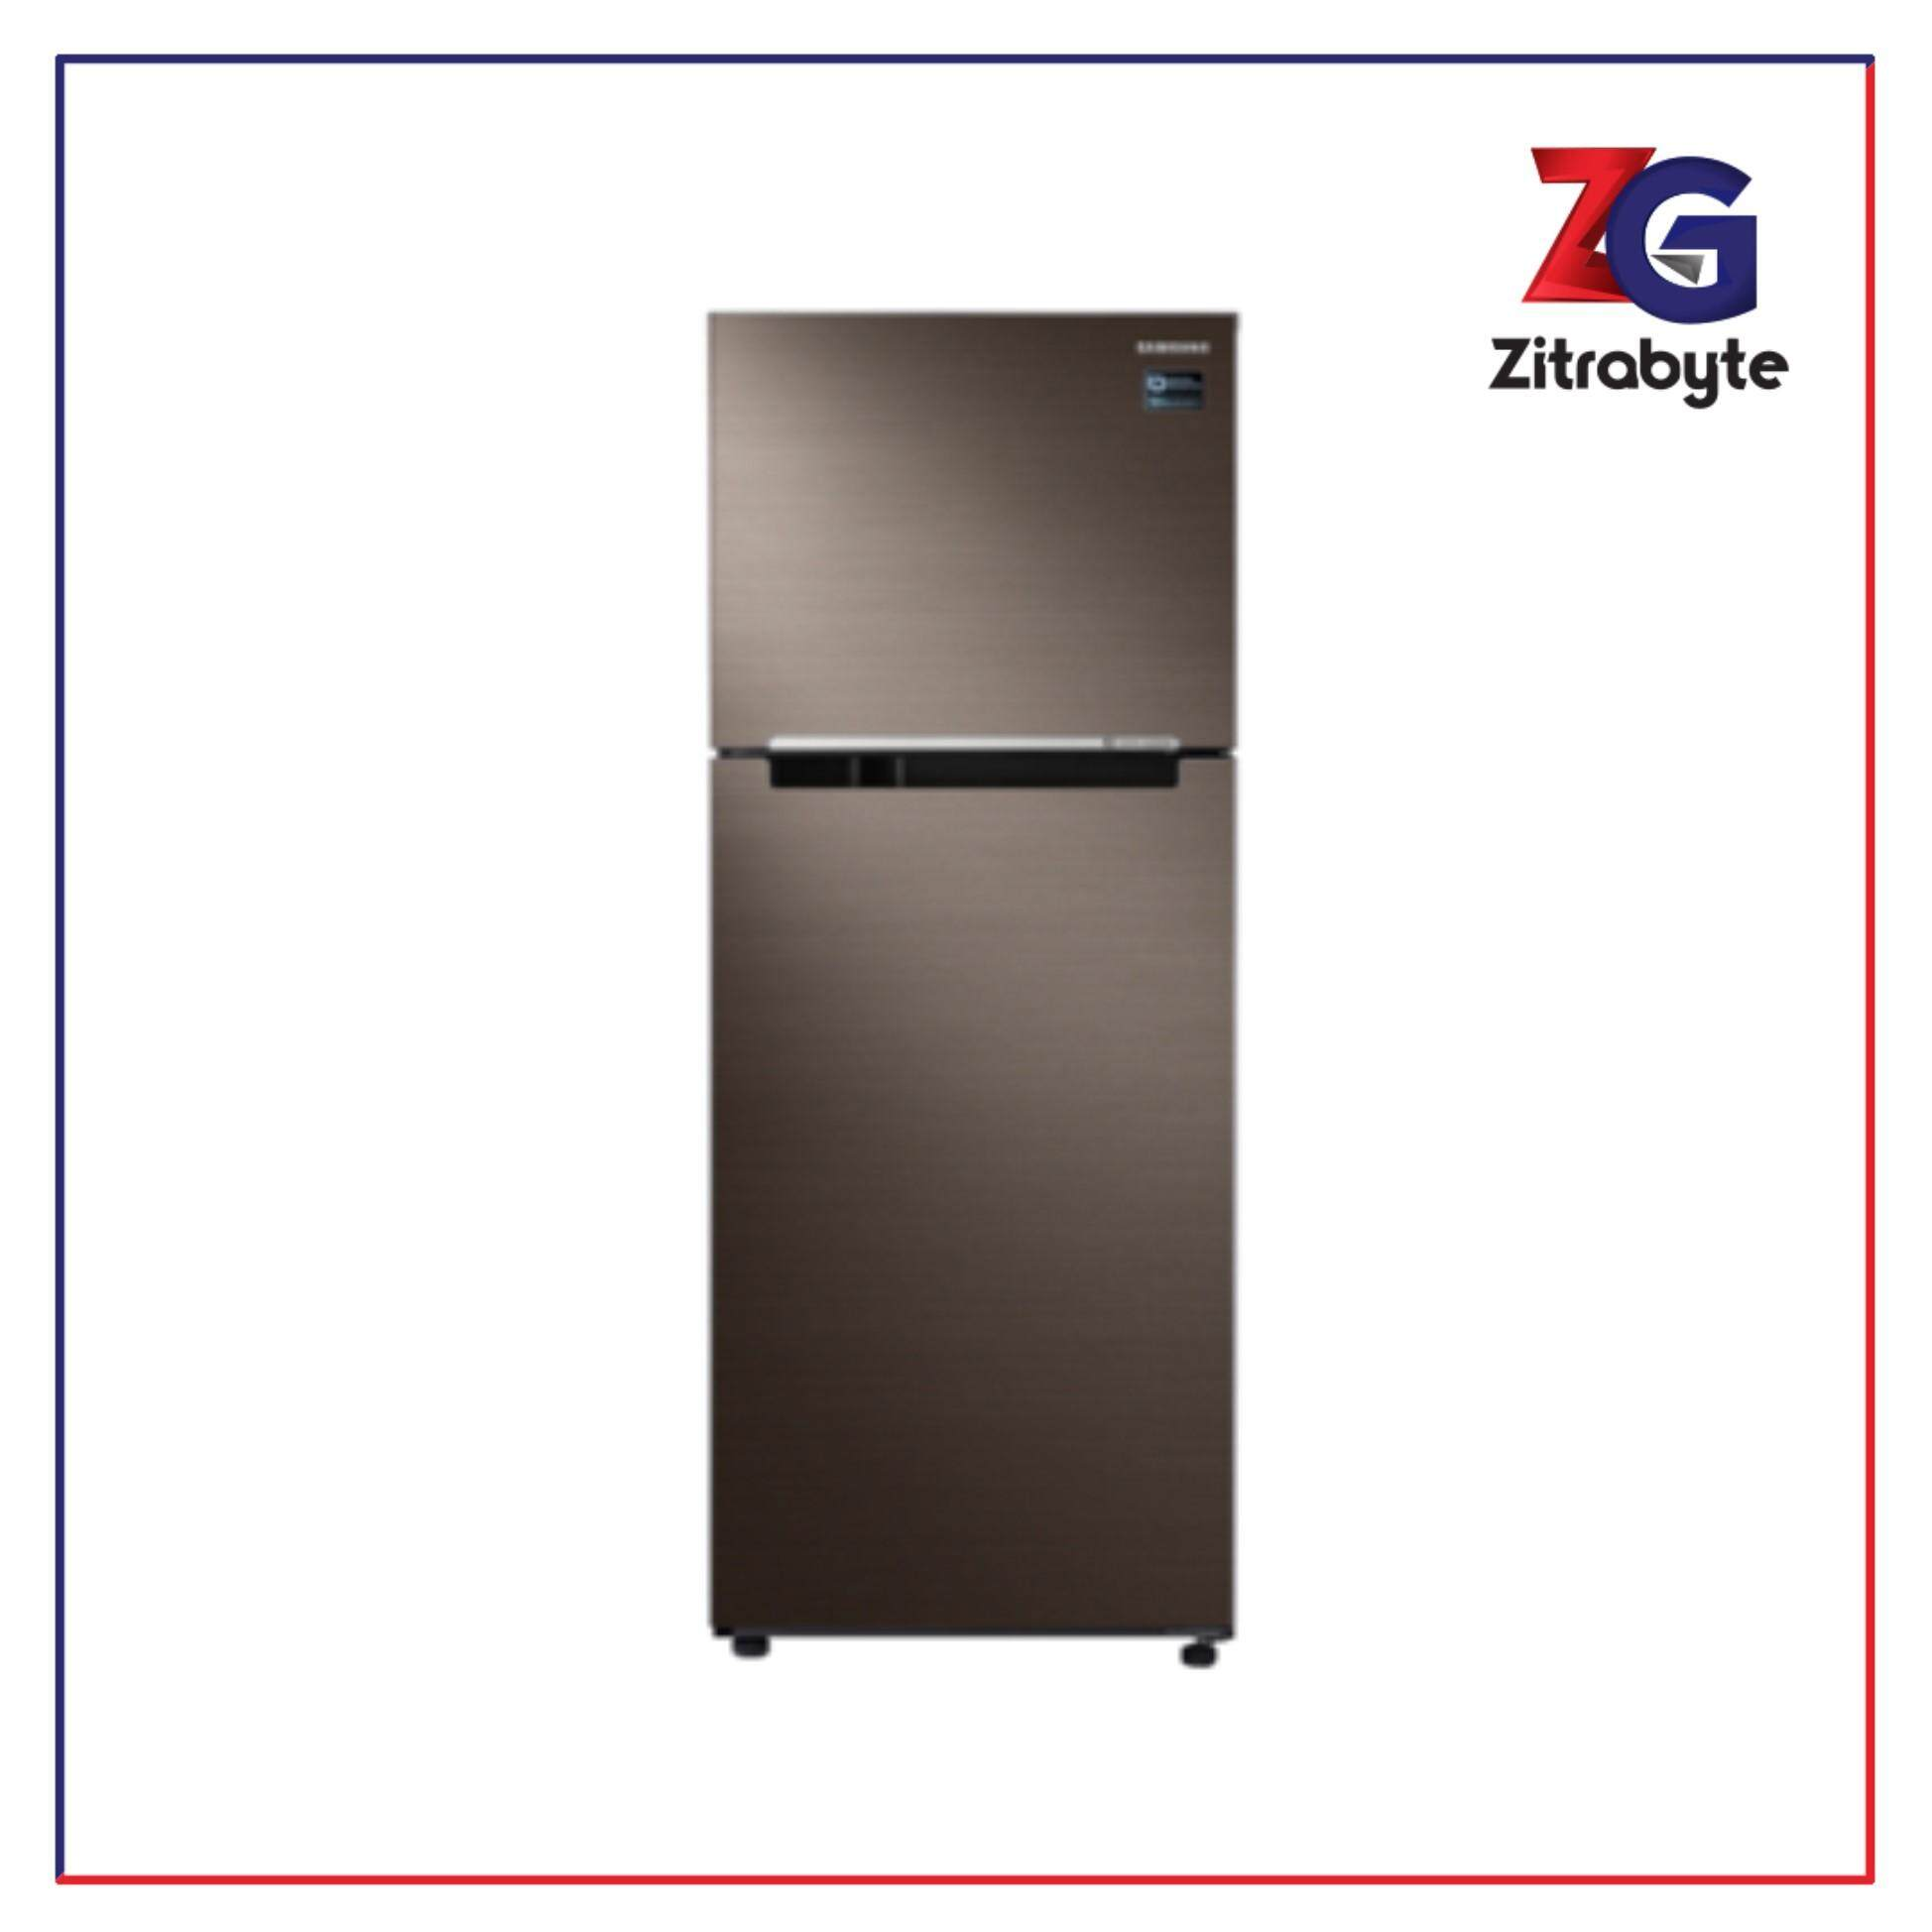 Samsung 2 Door 410L Refrigerator RT32K5052DX/ME